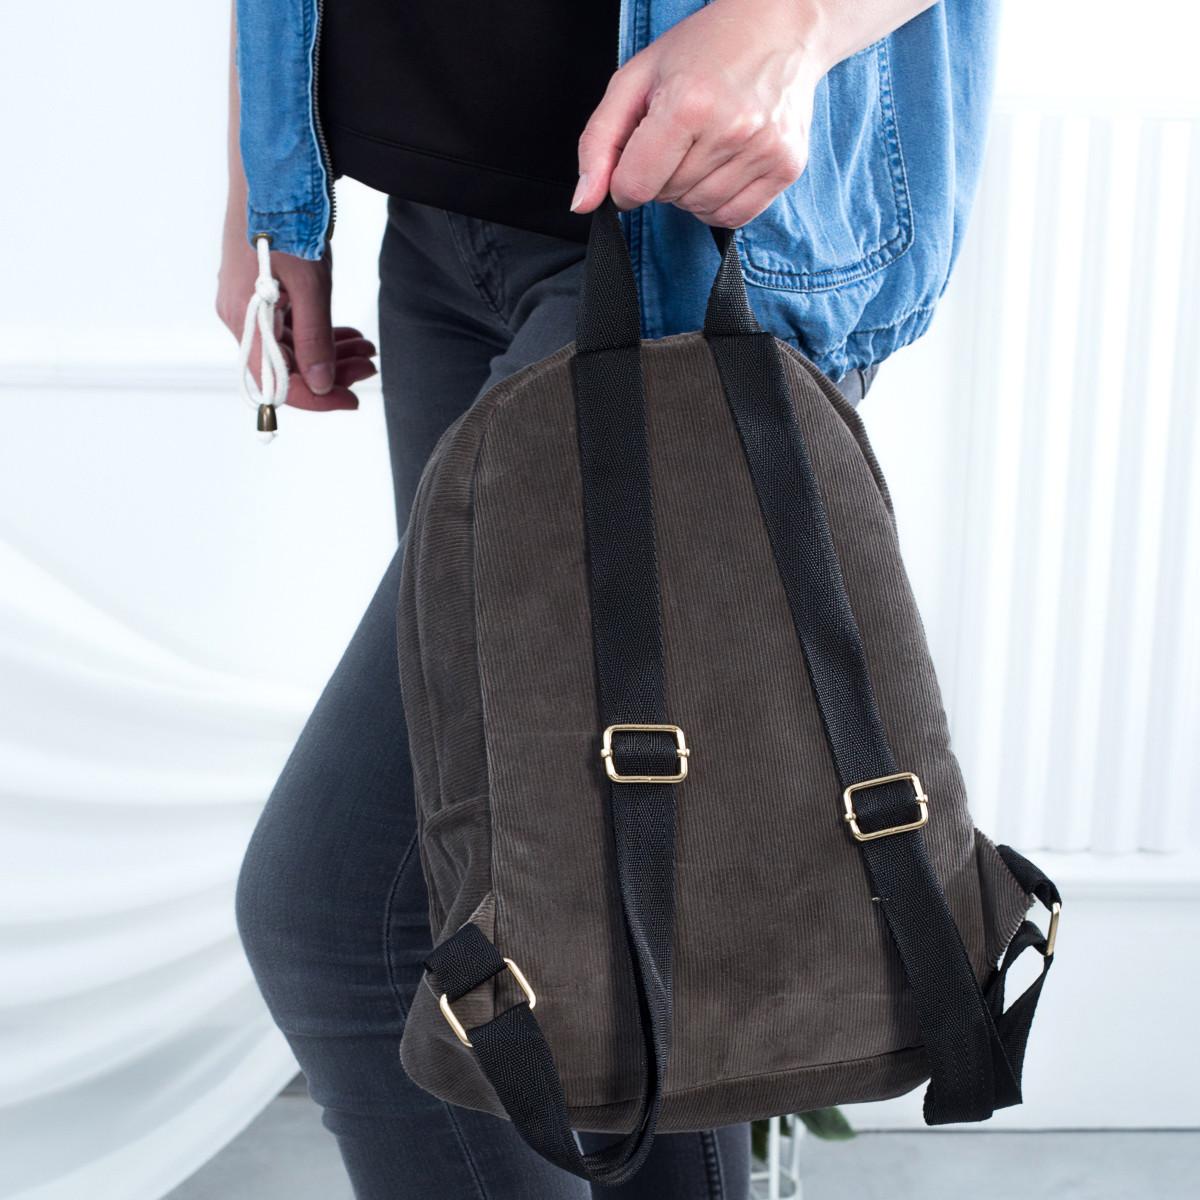 Городской женский вельветовый рюкзак Mayers, серый, фото 2